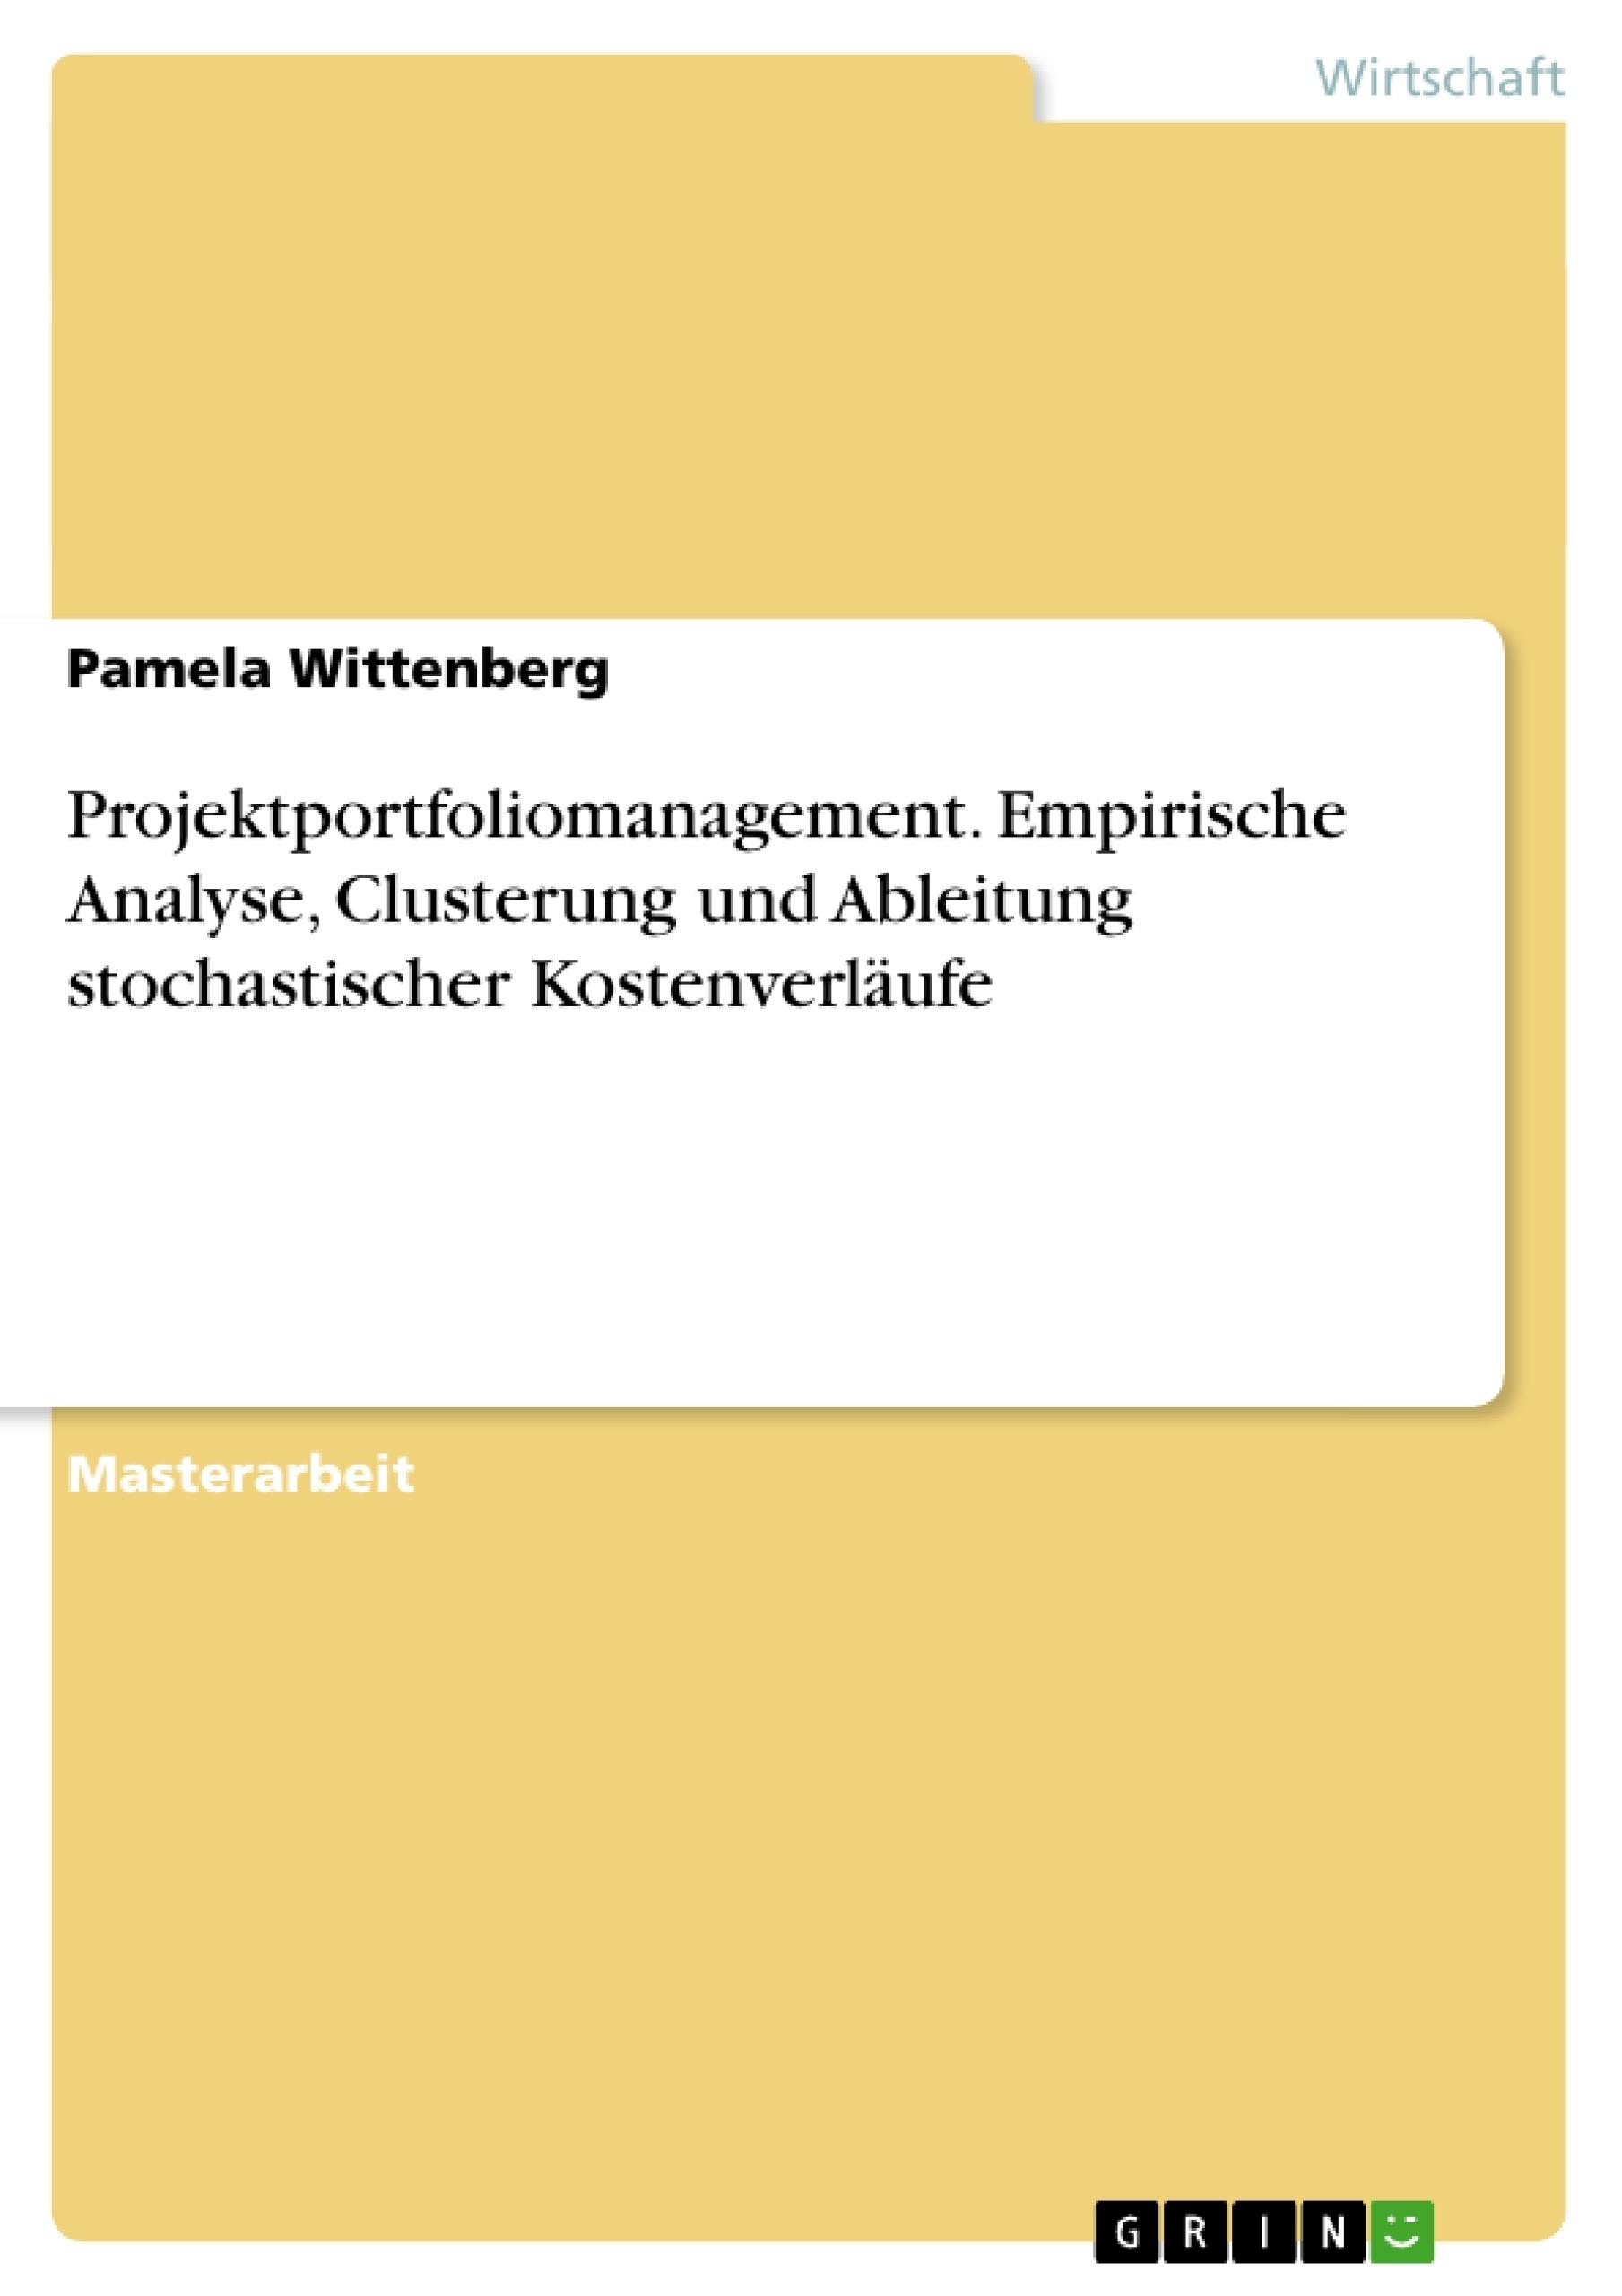 Titel: Projektportfoliomanagement. Empirische Analyse, Clusterung und Ableitung stochastischer Kostenverläufe